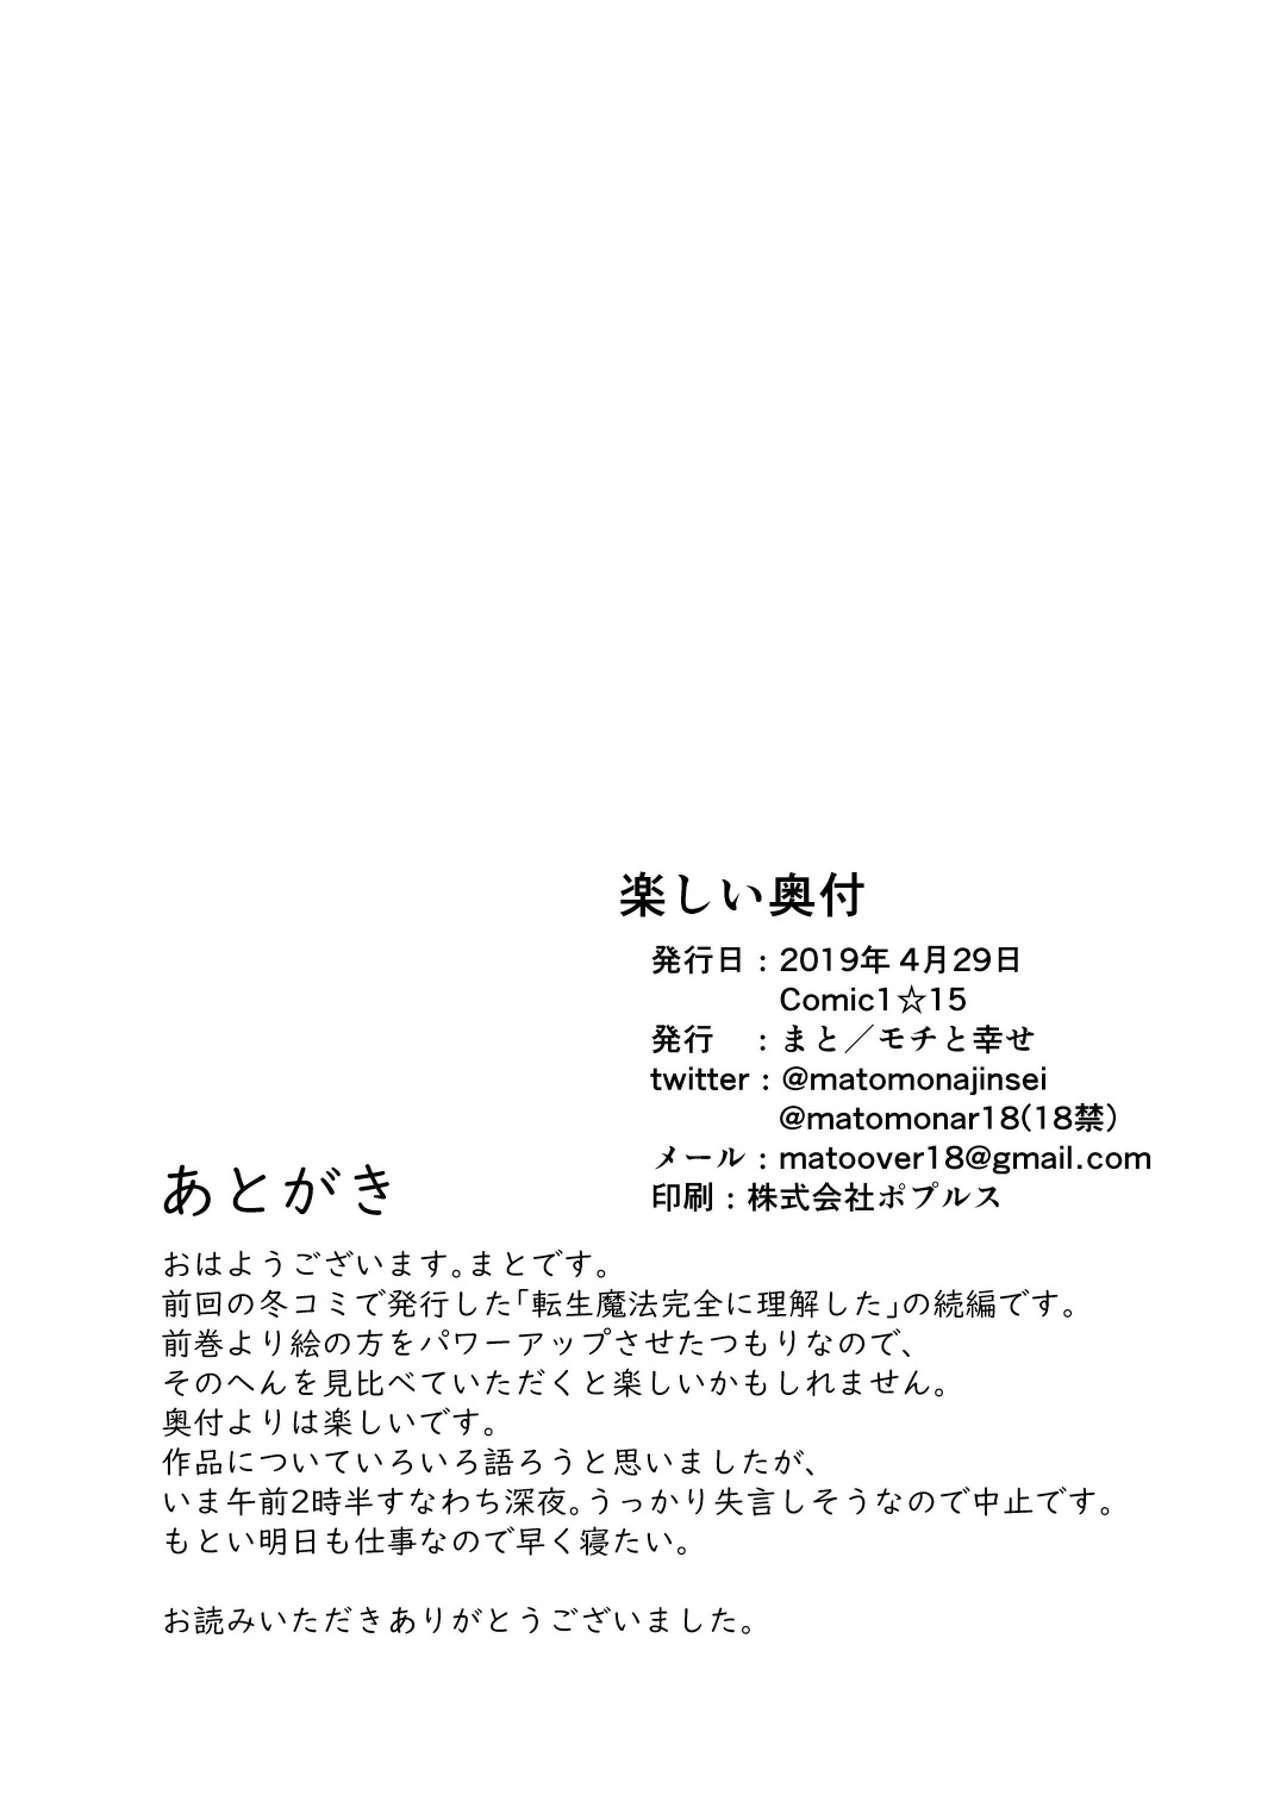 Kekkai Mahou Kanzen ni Rikai Shita 27